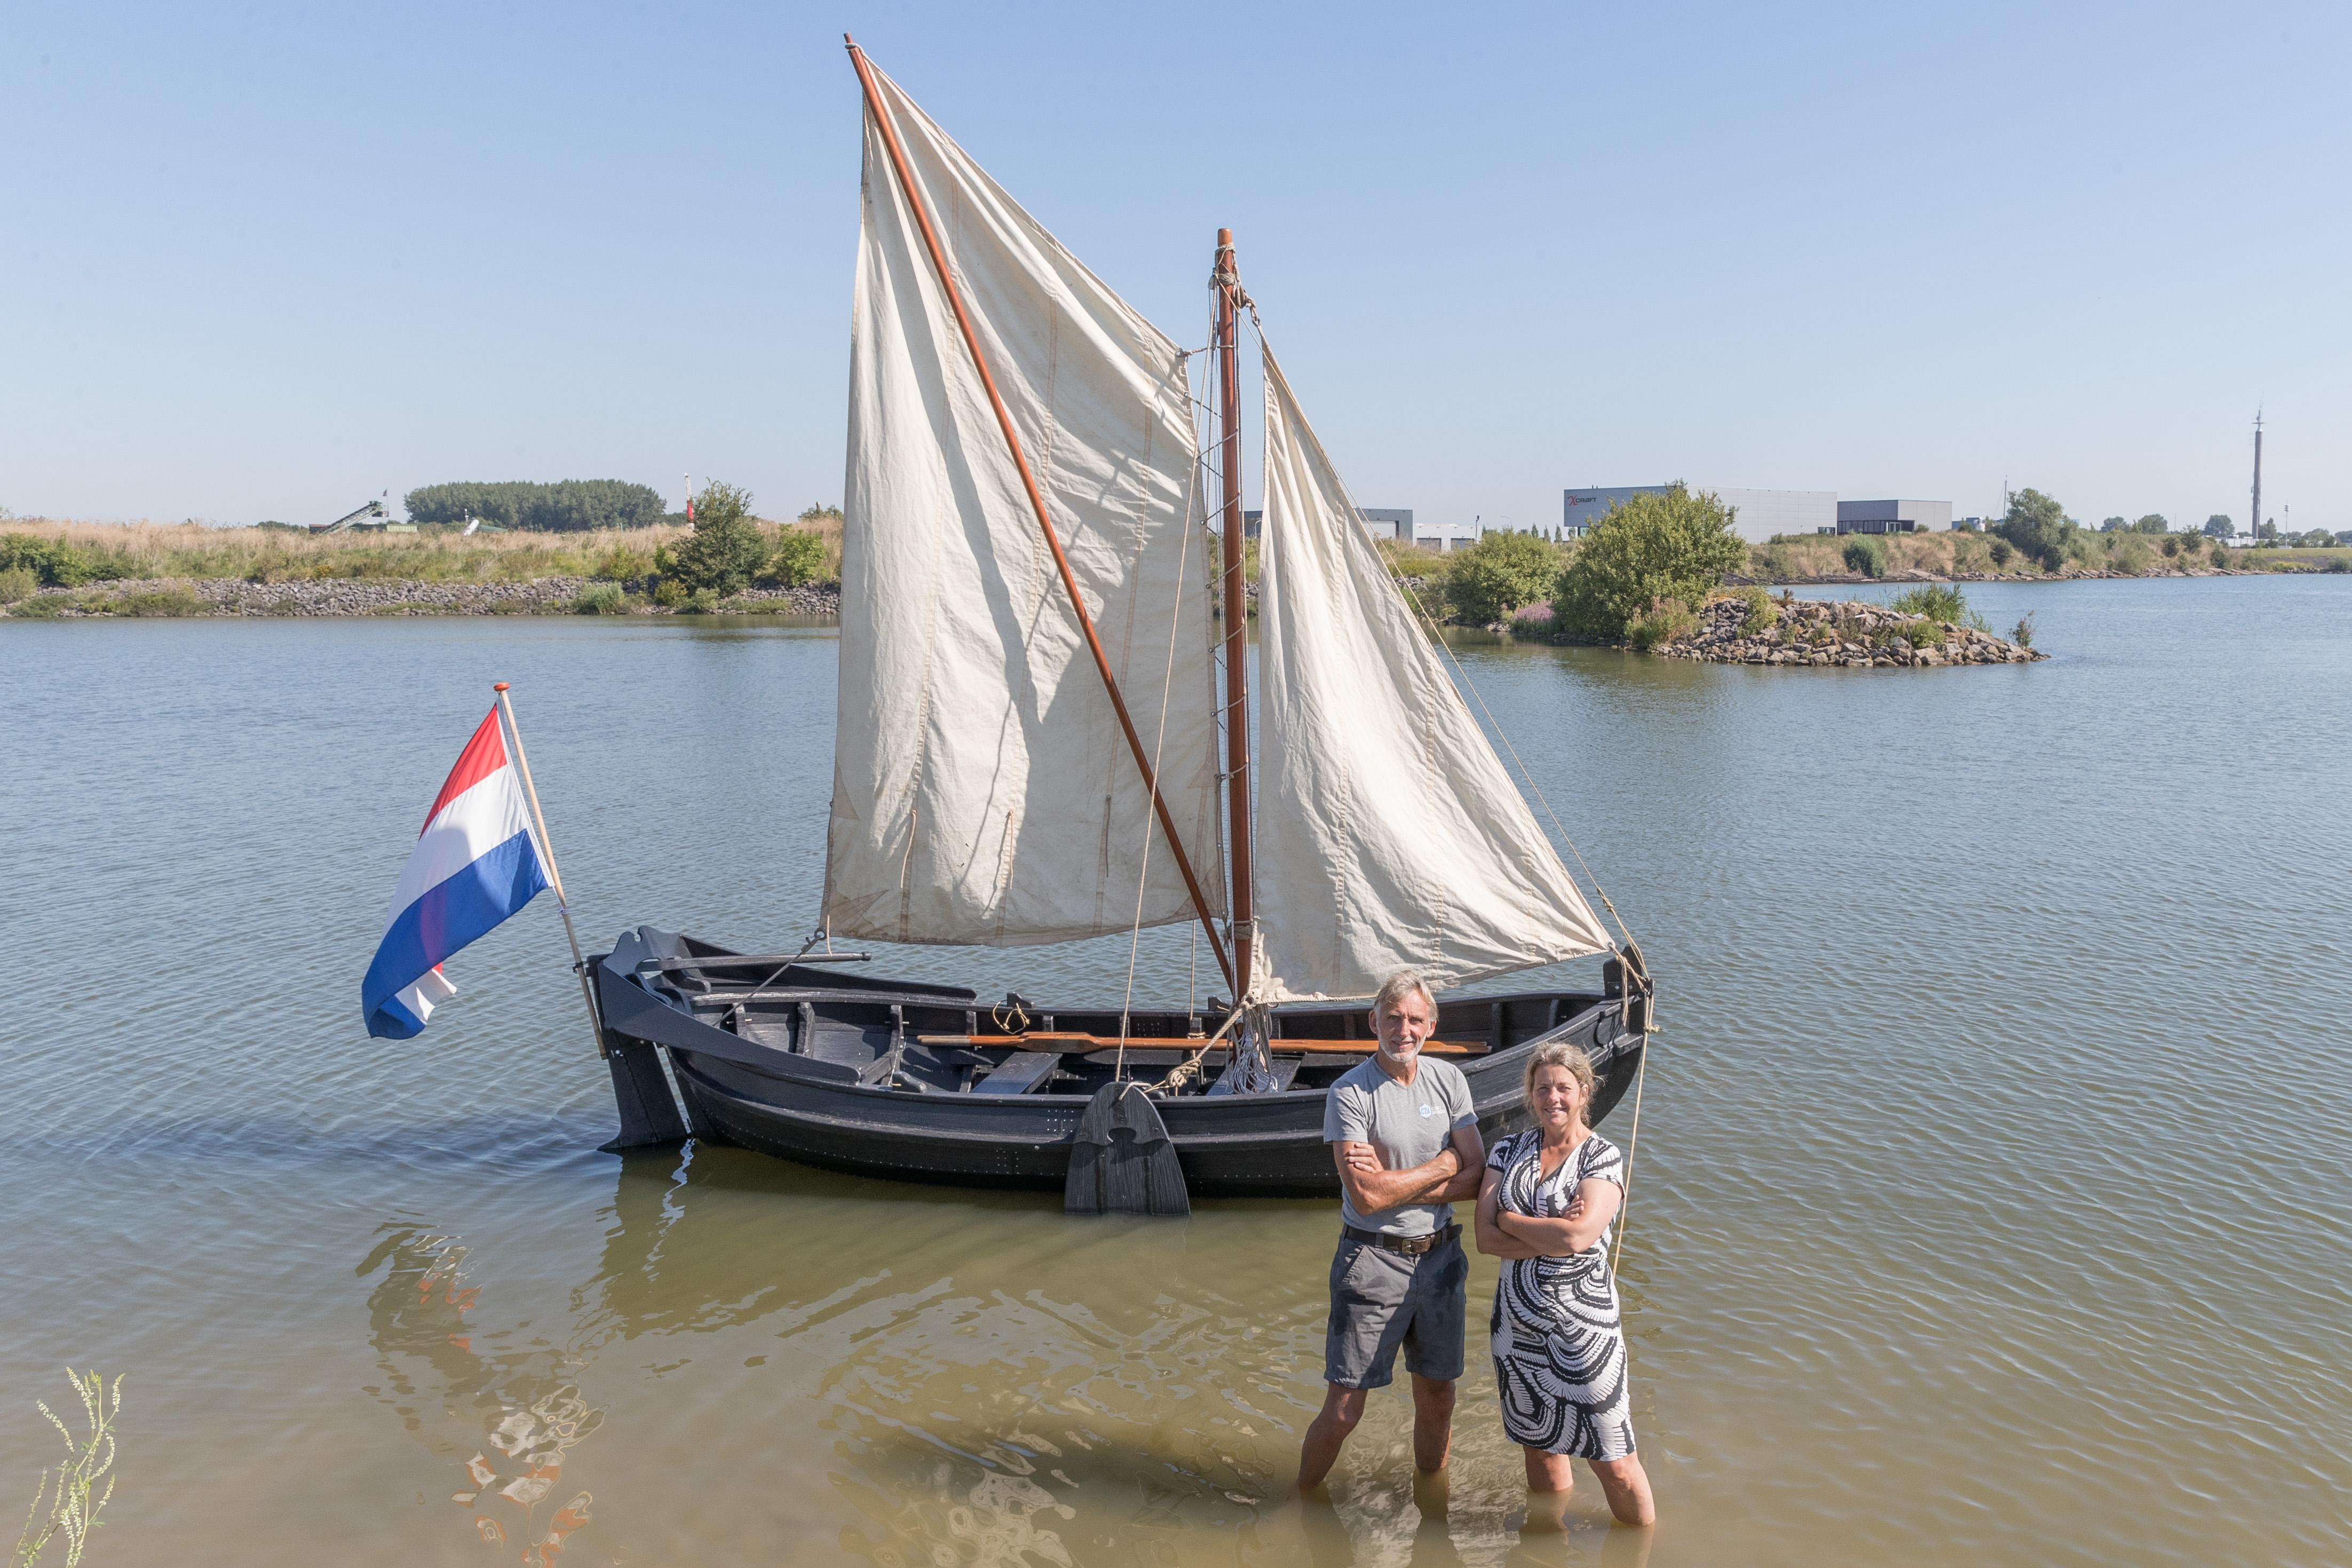 Hoornse werkboot van afvalplastic klaar voor 'handelsmissie' naar Amsterdam